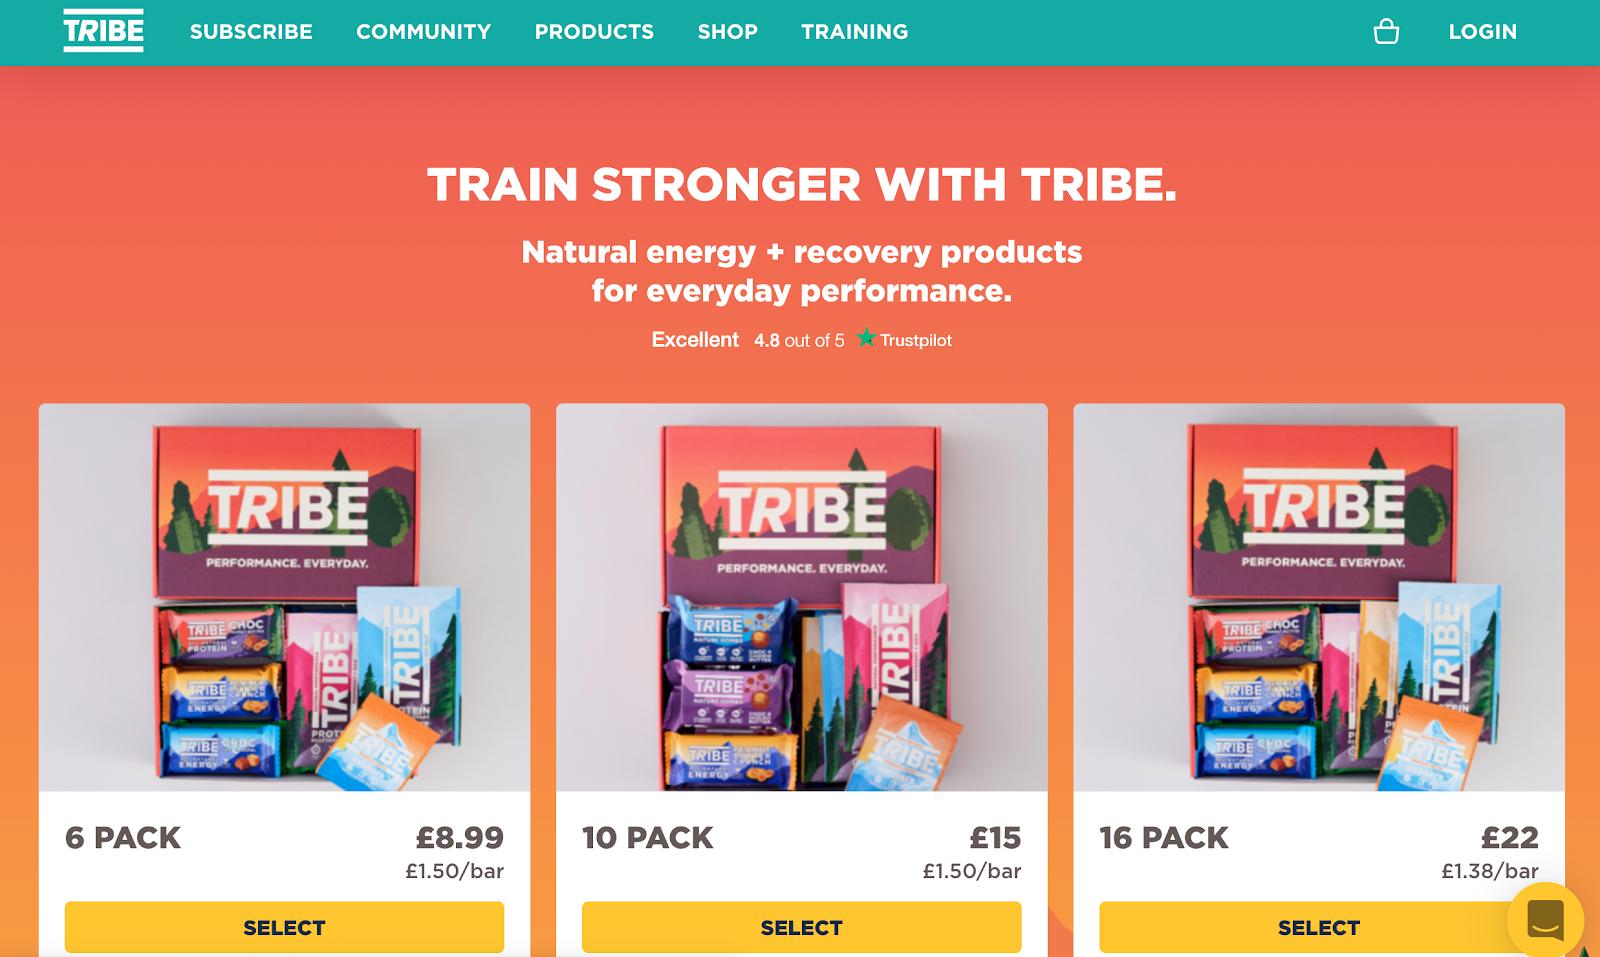 Tribe landing page